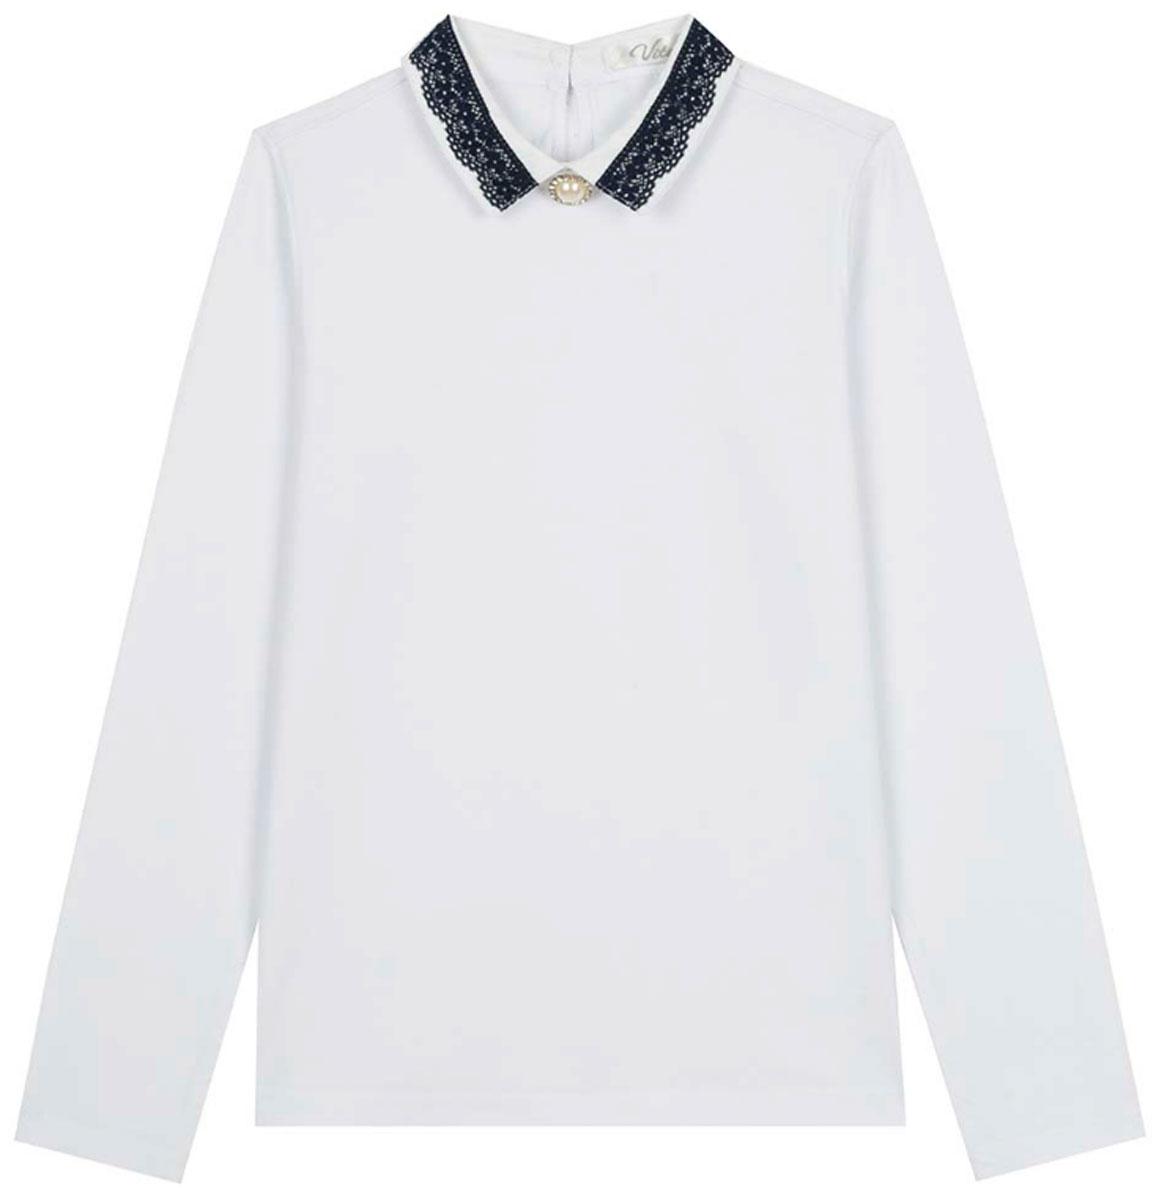 Блузка для девочки Vitacci, цвет: белый. 2173204-01. Размер 1222173204-01Школьная блузка для девочки от Vitacci выполнена из эластичного хлопкового трикотажа. Модель с длинными рукавами и отложным ажурным воротничком на спинке застегивается на пуговицы.